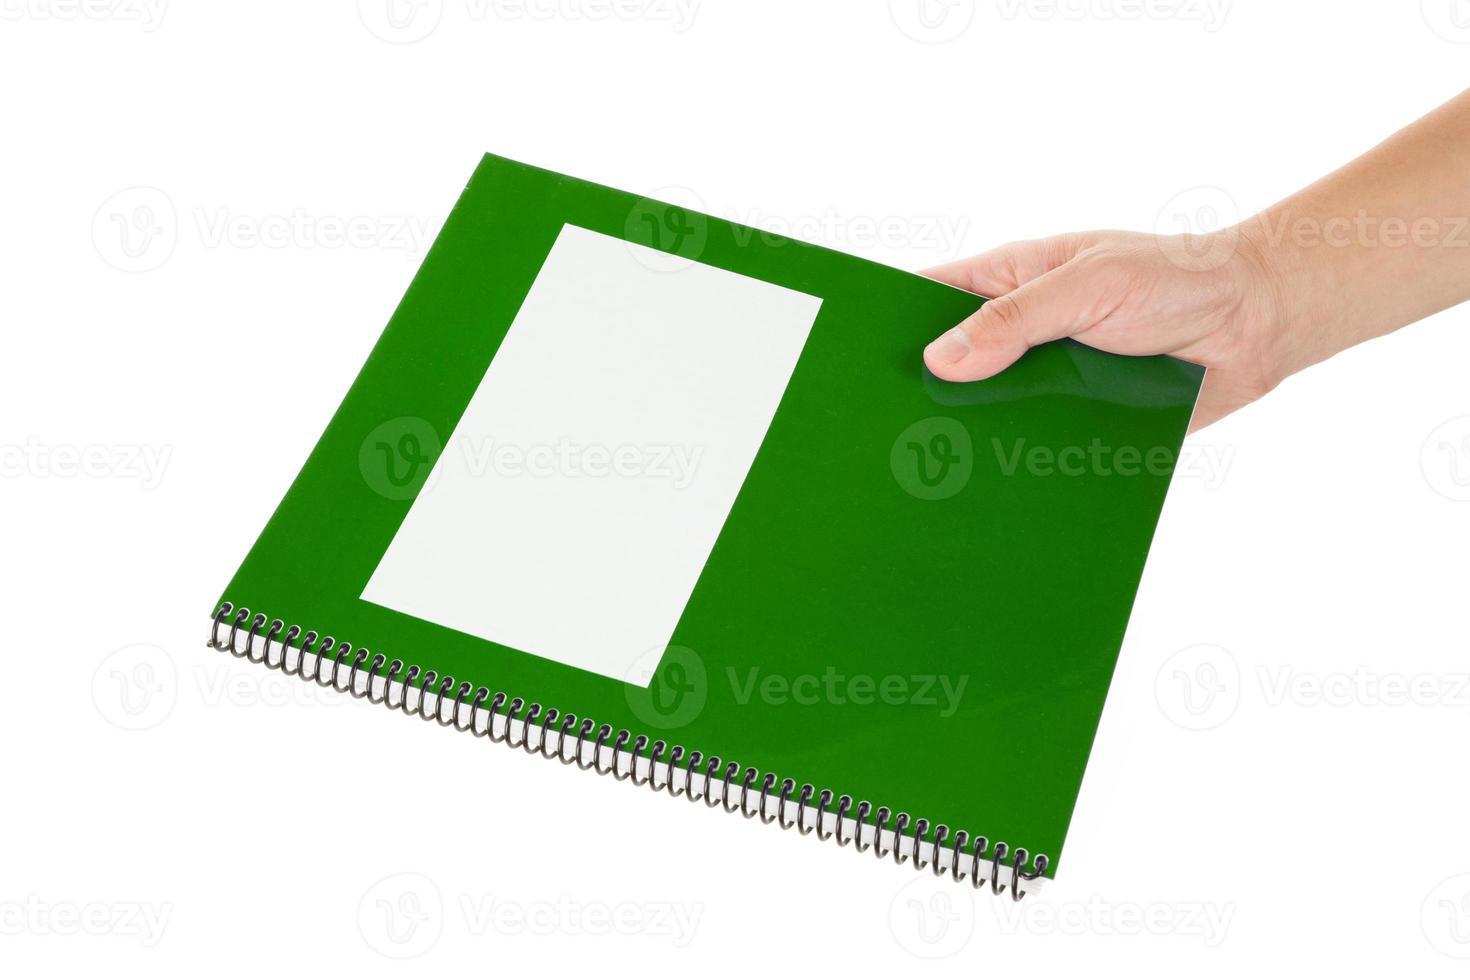 manuale scolastico verde foto